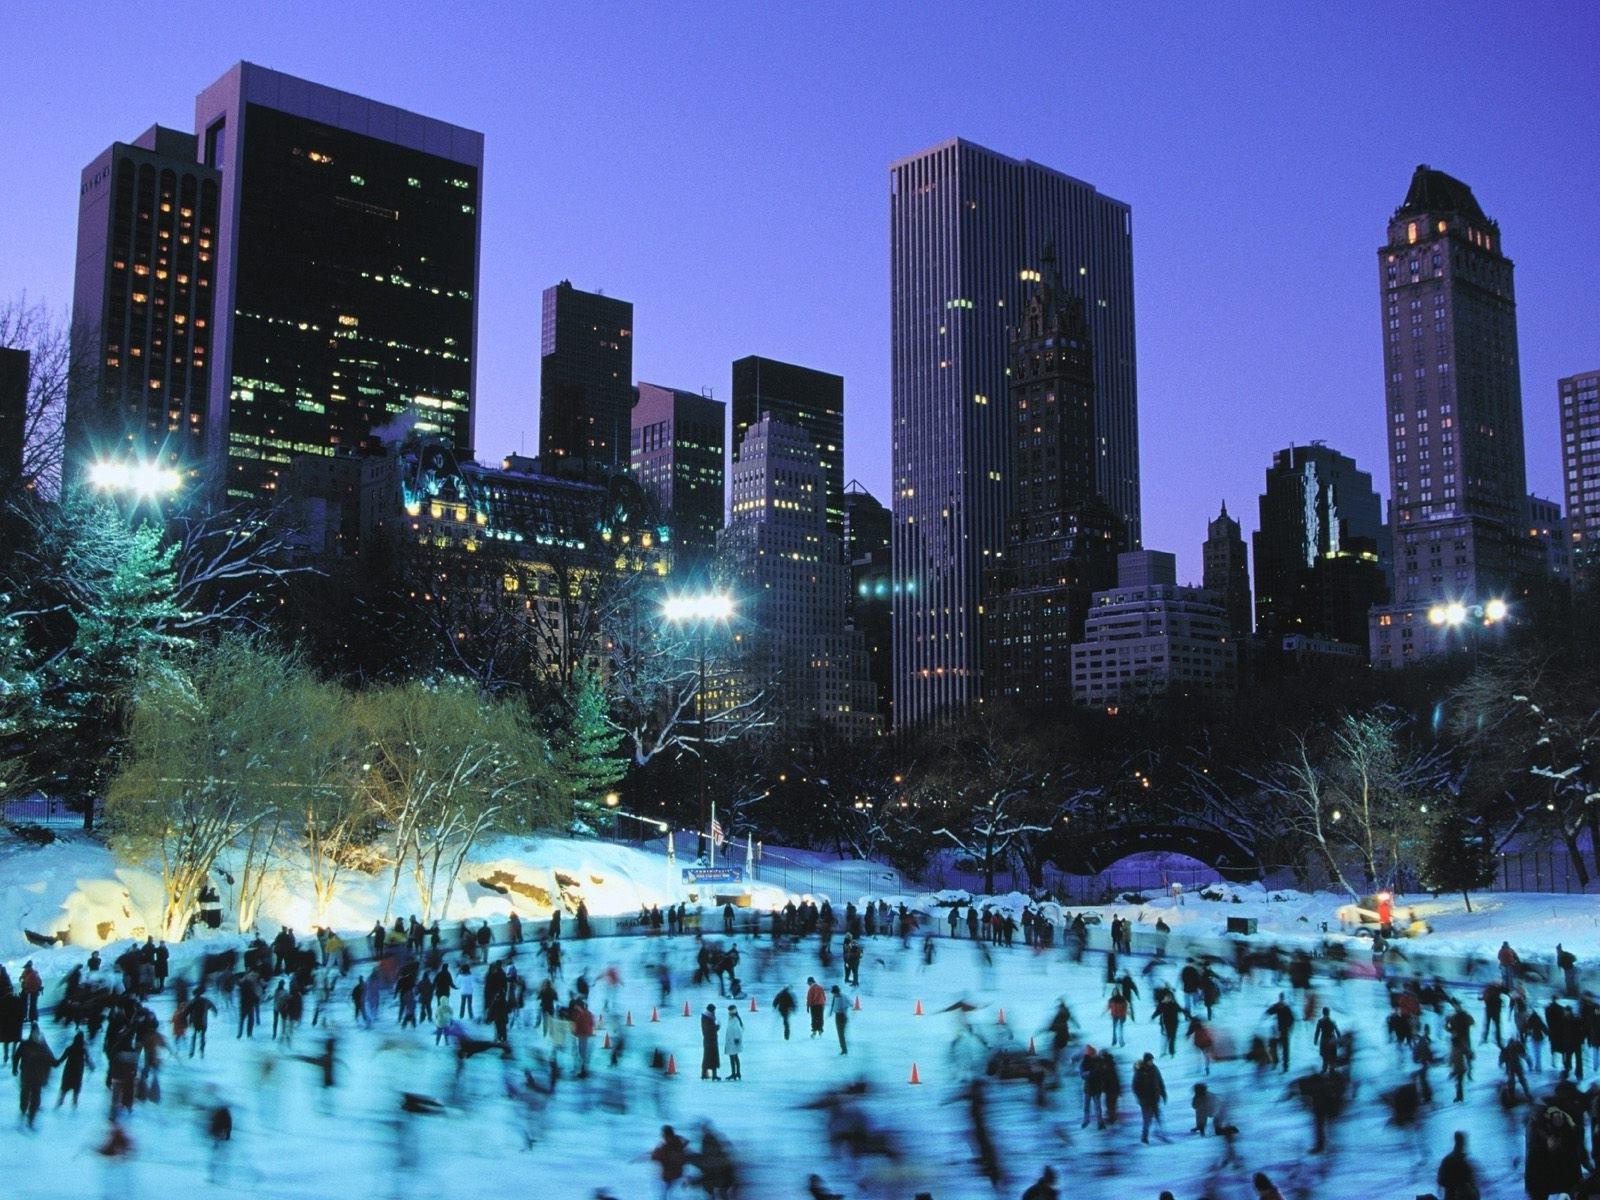 картинка на рабочий стол зима мегаполис создает